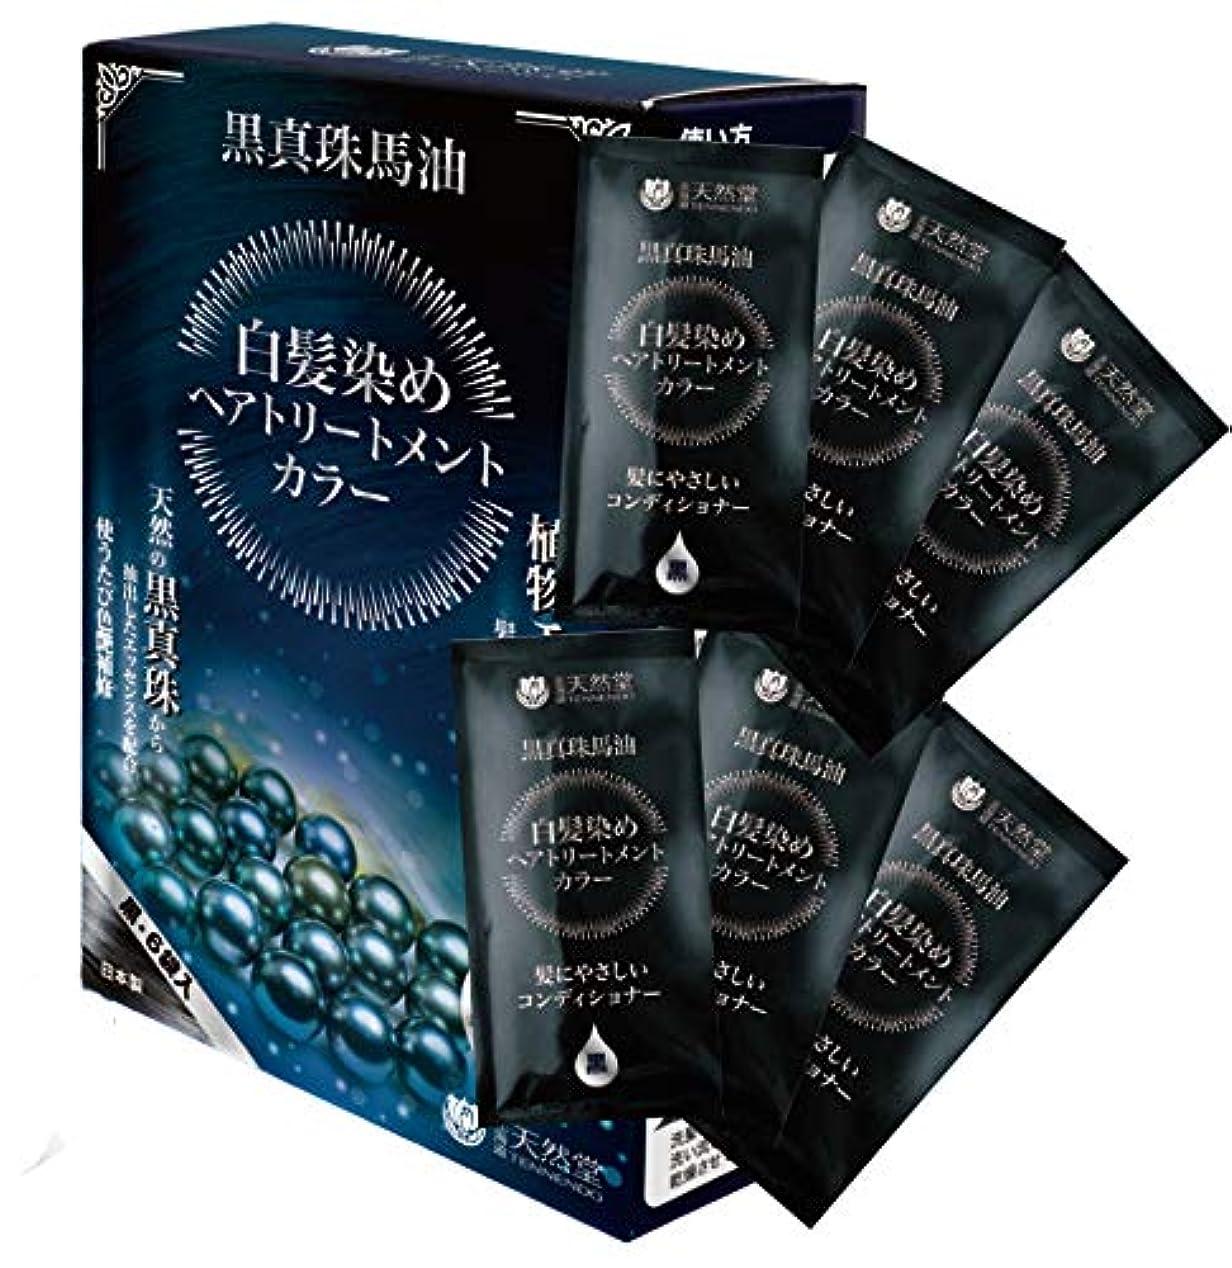 手がかりインシデント発生黒真珠馬油 白髪染め へアトリートメントカラー (黒) 20g×6 / 北海道天然堂